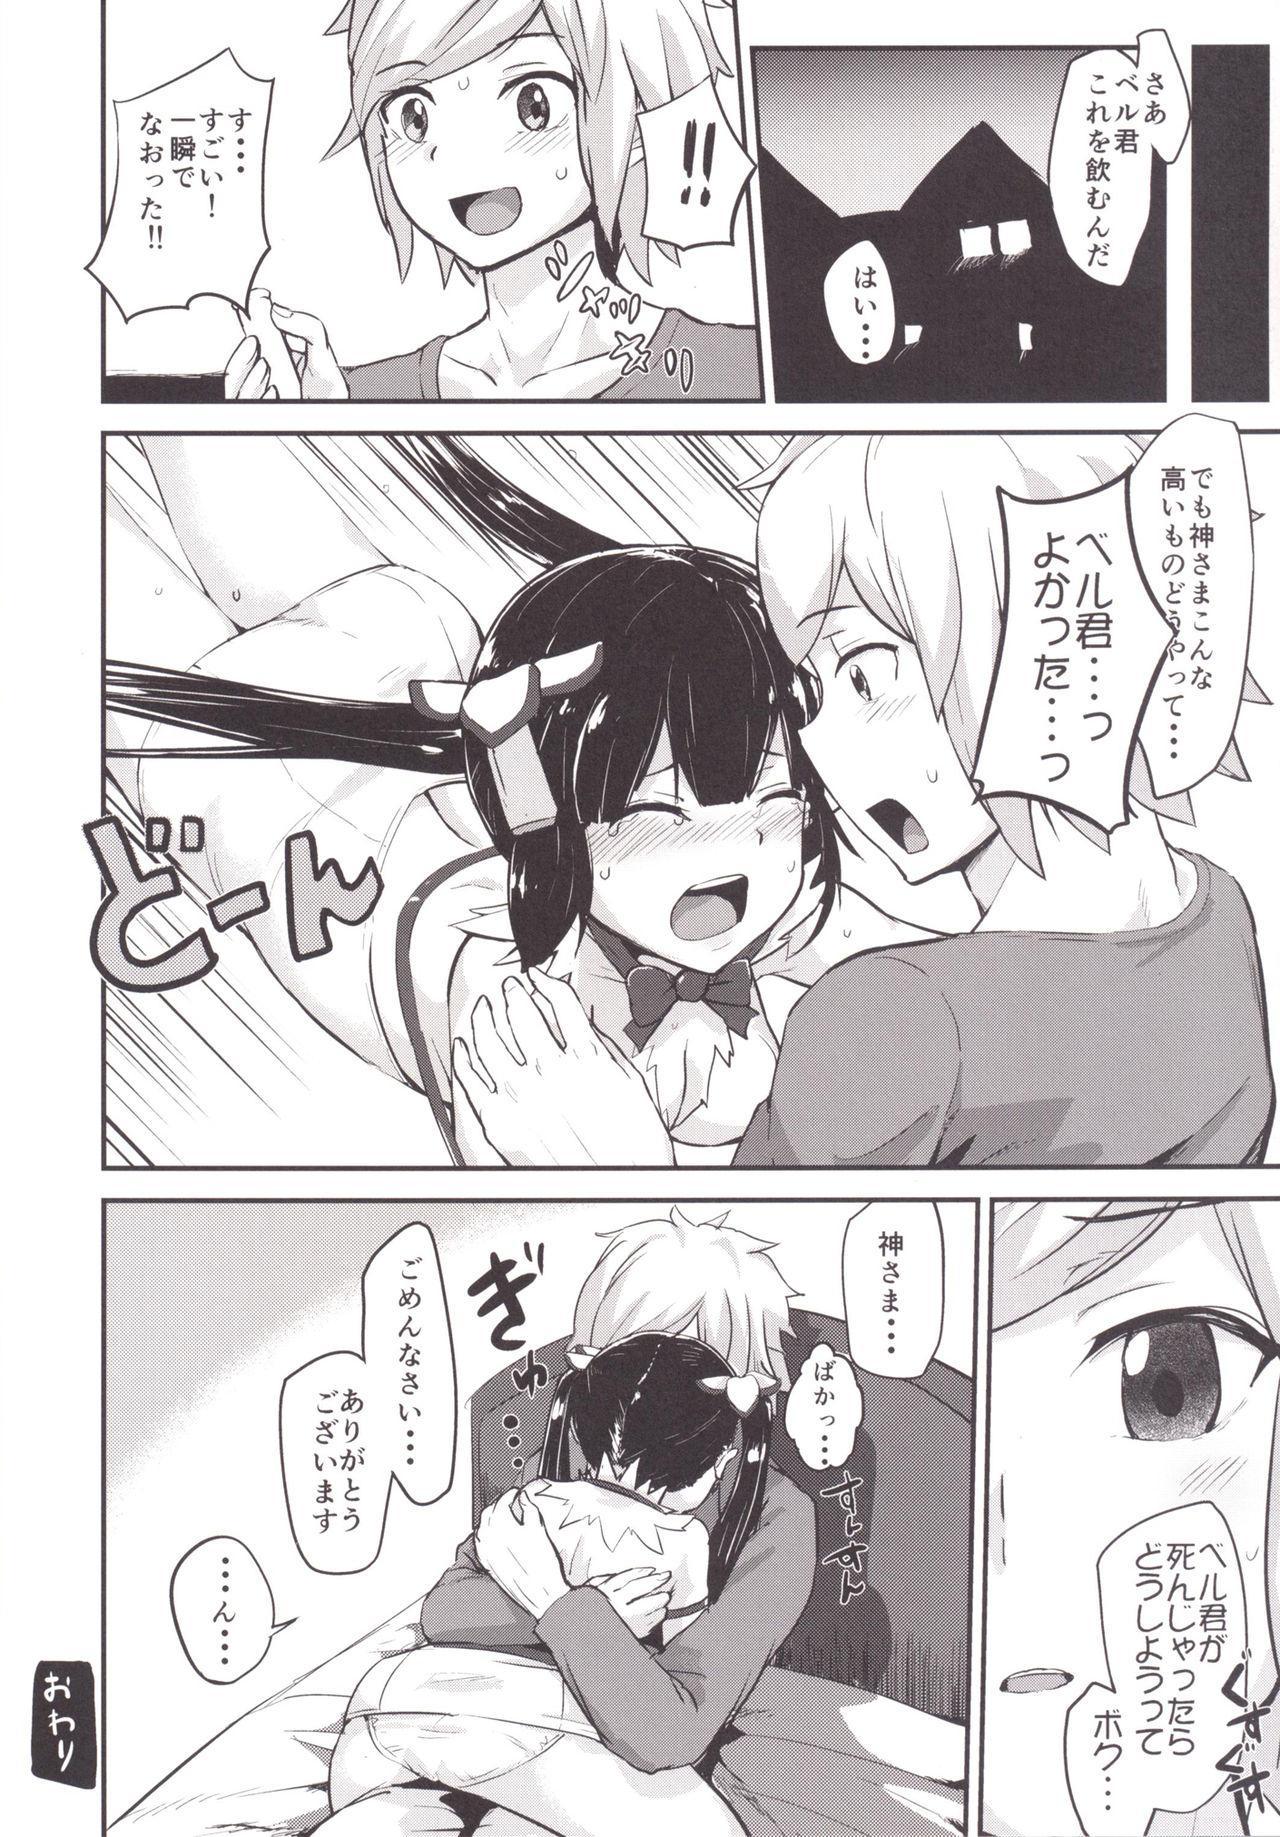 Bell-kun no Tame ni Loki Familiar ni Yararechatta kedo Boku Machigattenai yo ne? 27